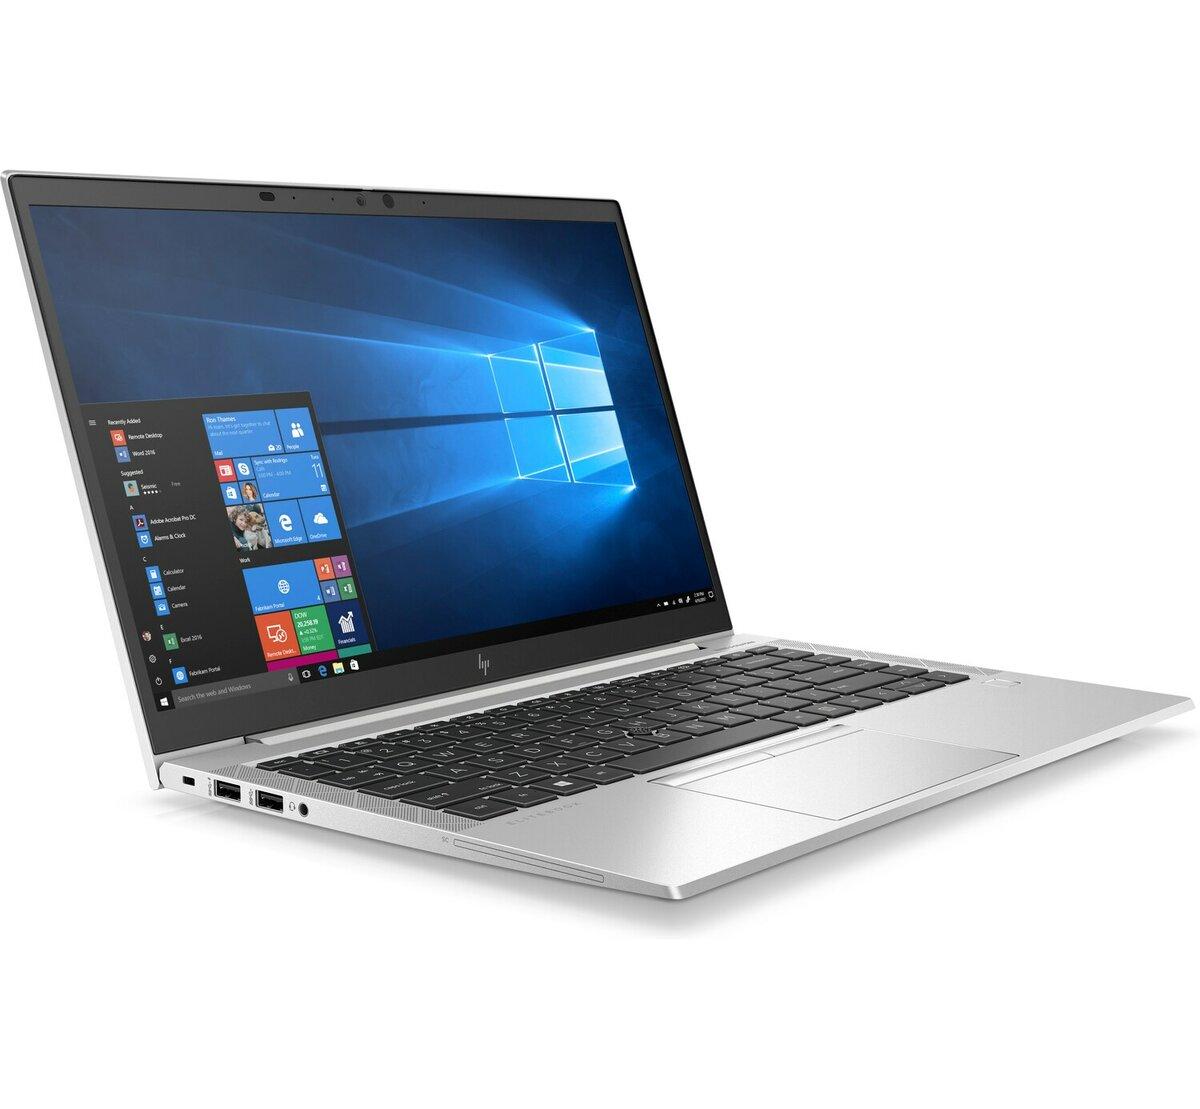 slide 2 of 3,show larger image, hp elitebook 840 g7 notebook pc